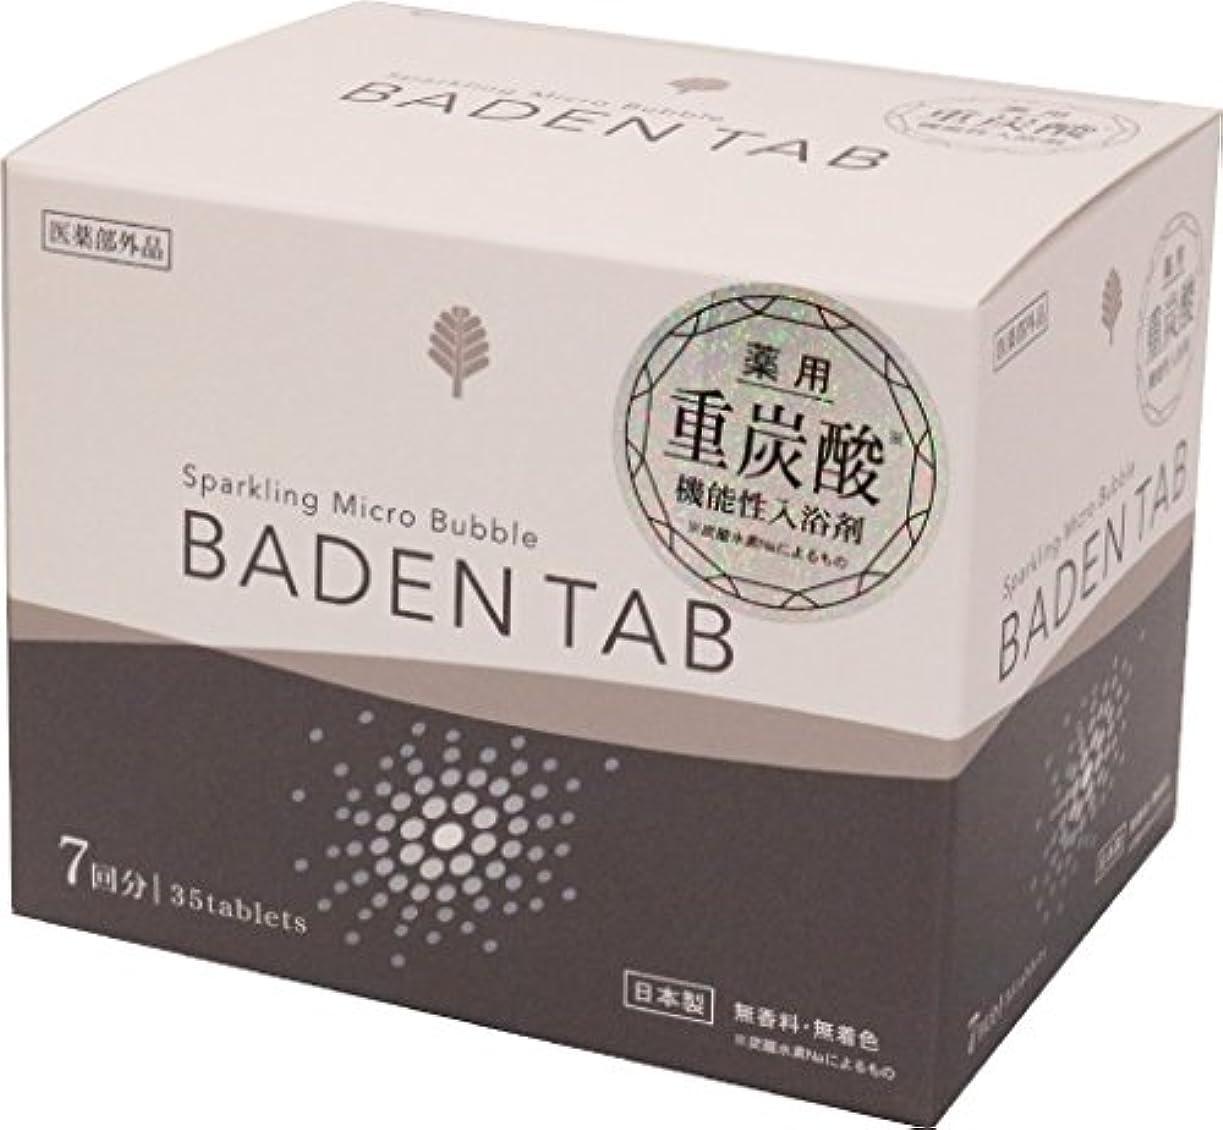 国家ぴかぴかアルファベット順日本製 made in japan 薬用BadenTab5錠7パック15gx35錠入 BT-8756 【まとめ買い6個セット】